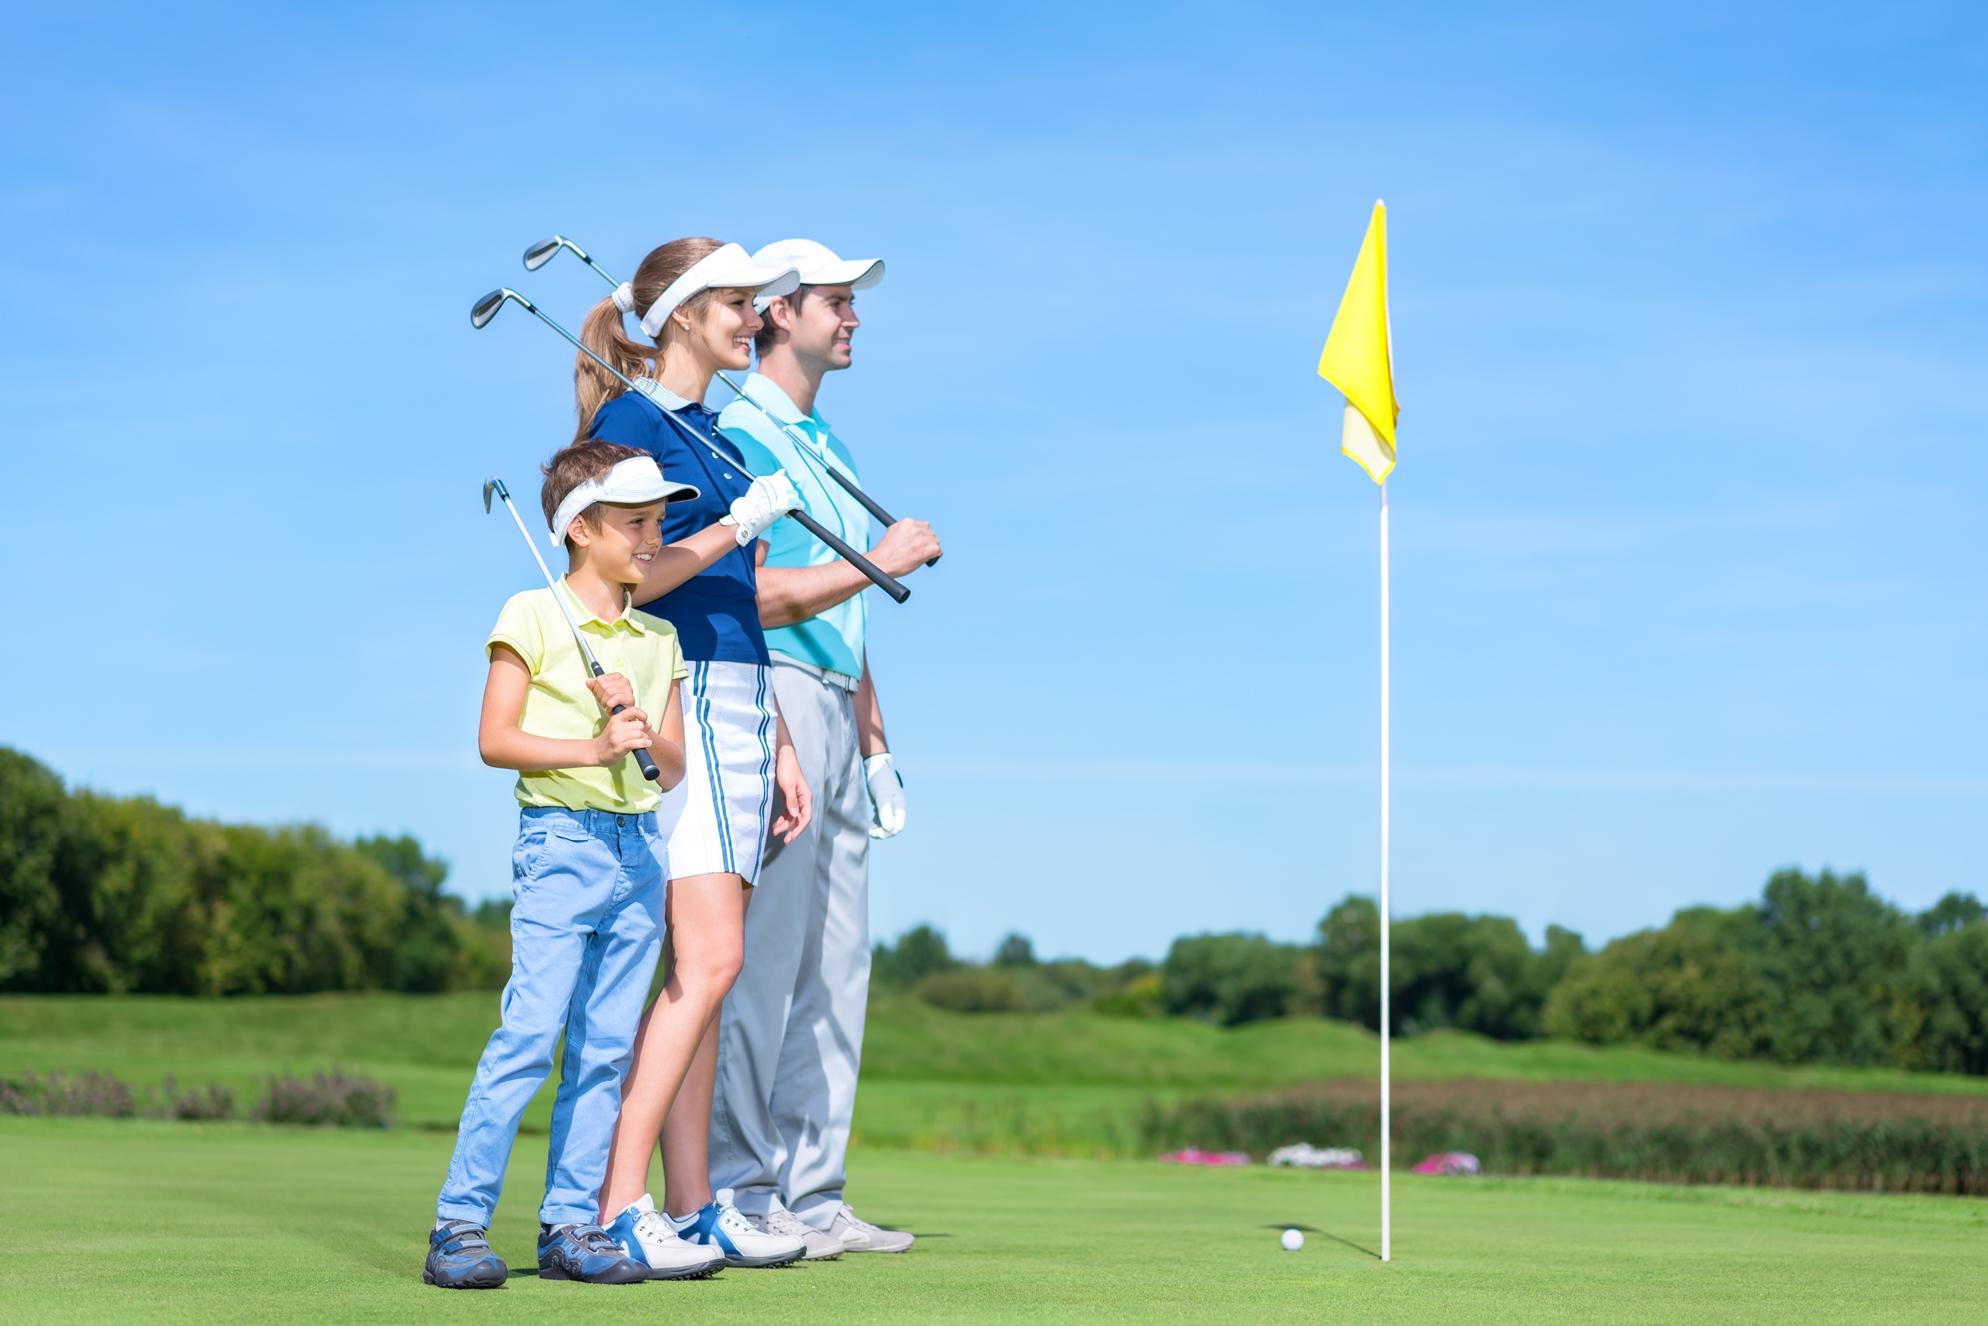 Découvrez le golf : initiations gratuites ! 13